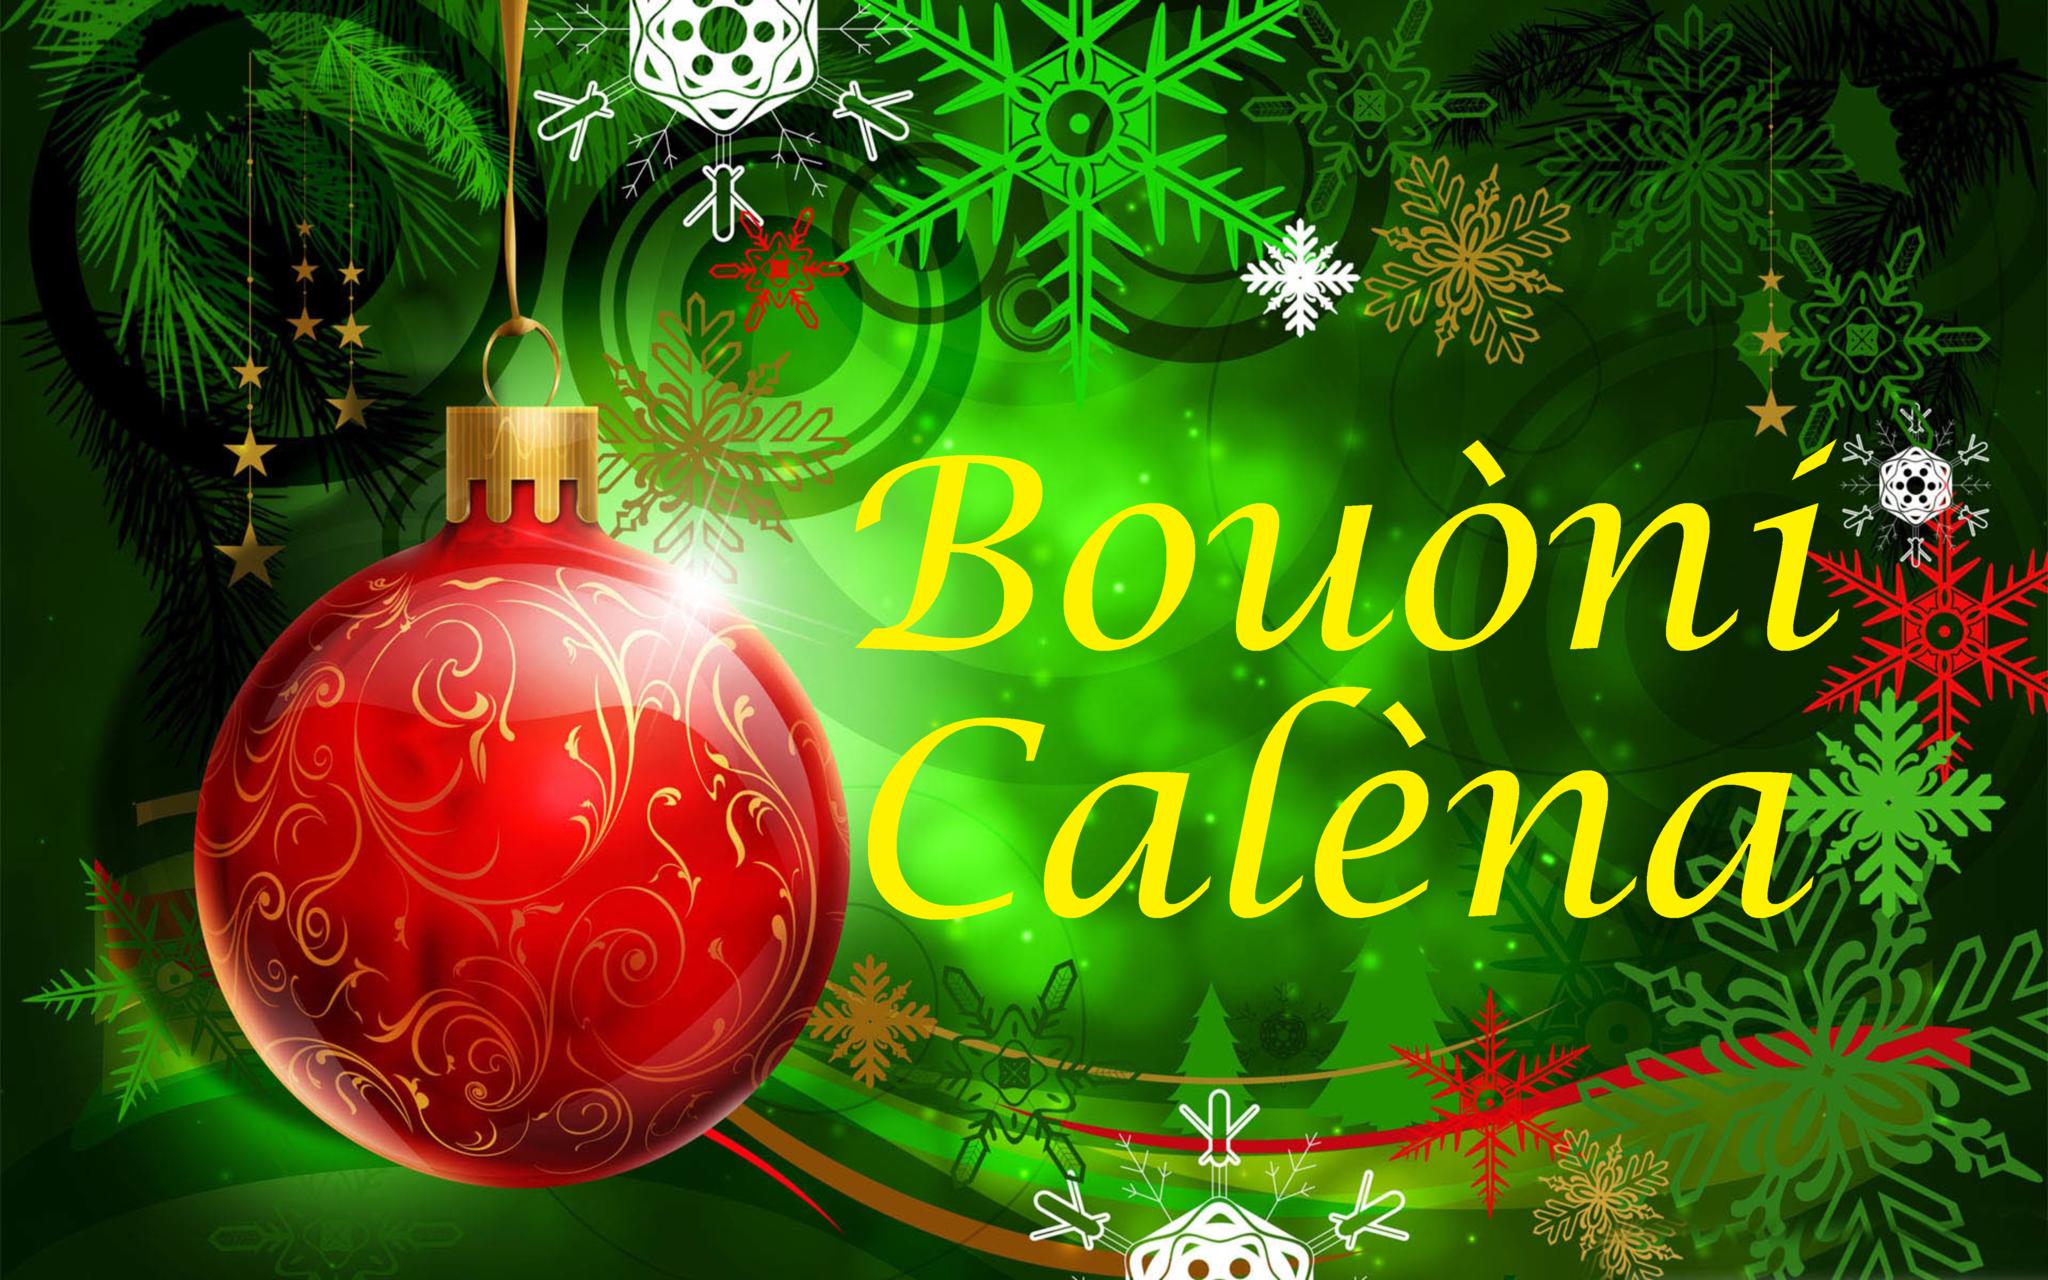 Joyeux Noel Souhaite.Paisnissart Com Vous Souhaite Un Joyeux Noel Pais